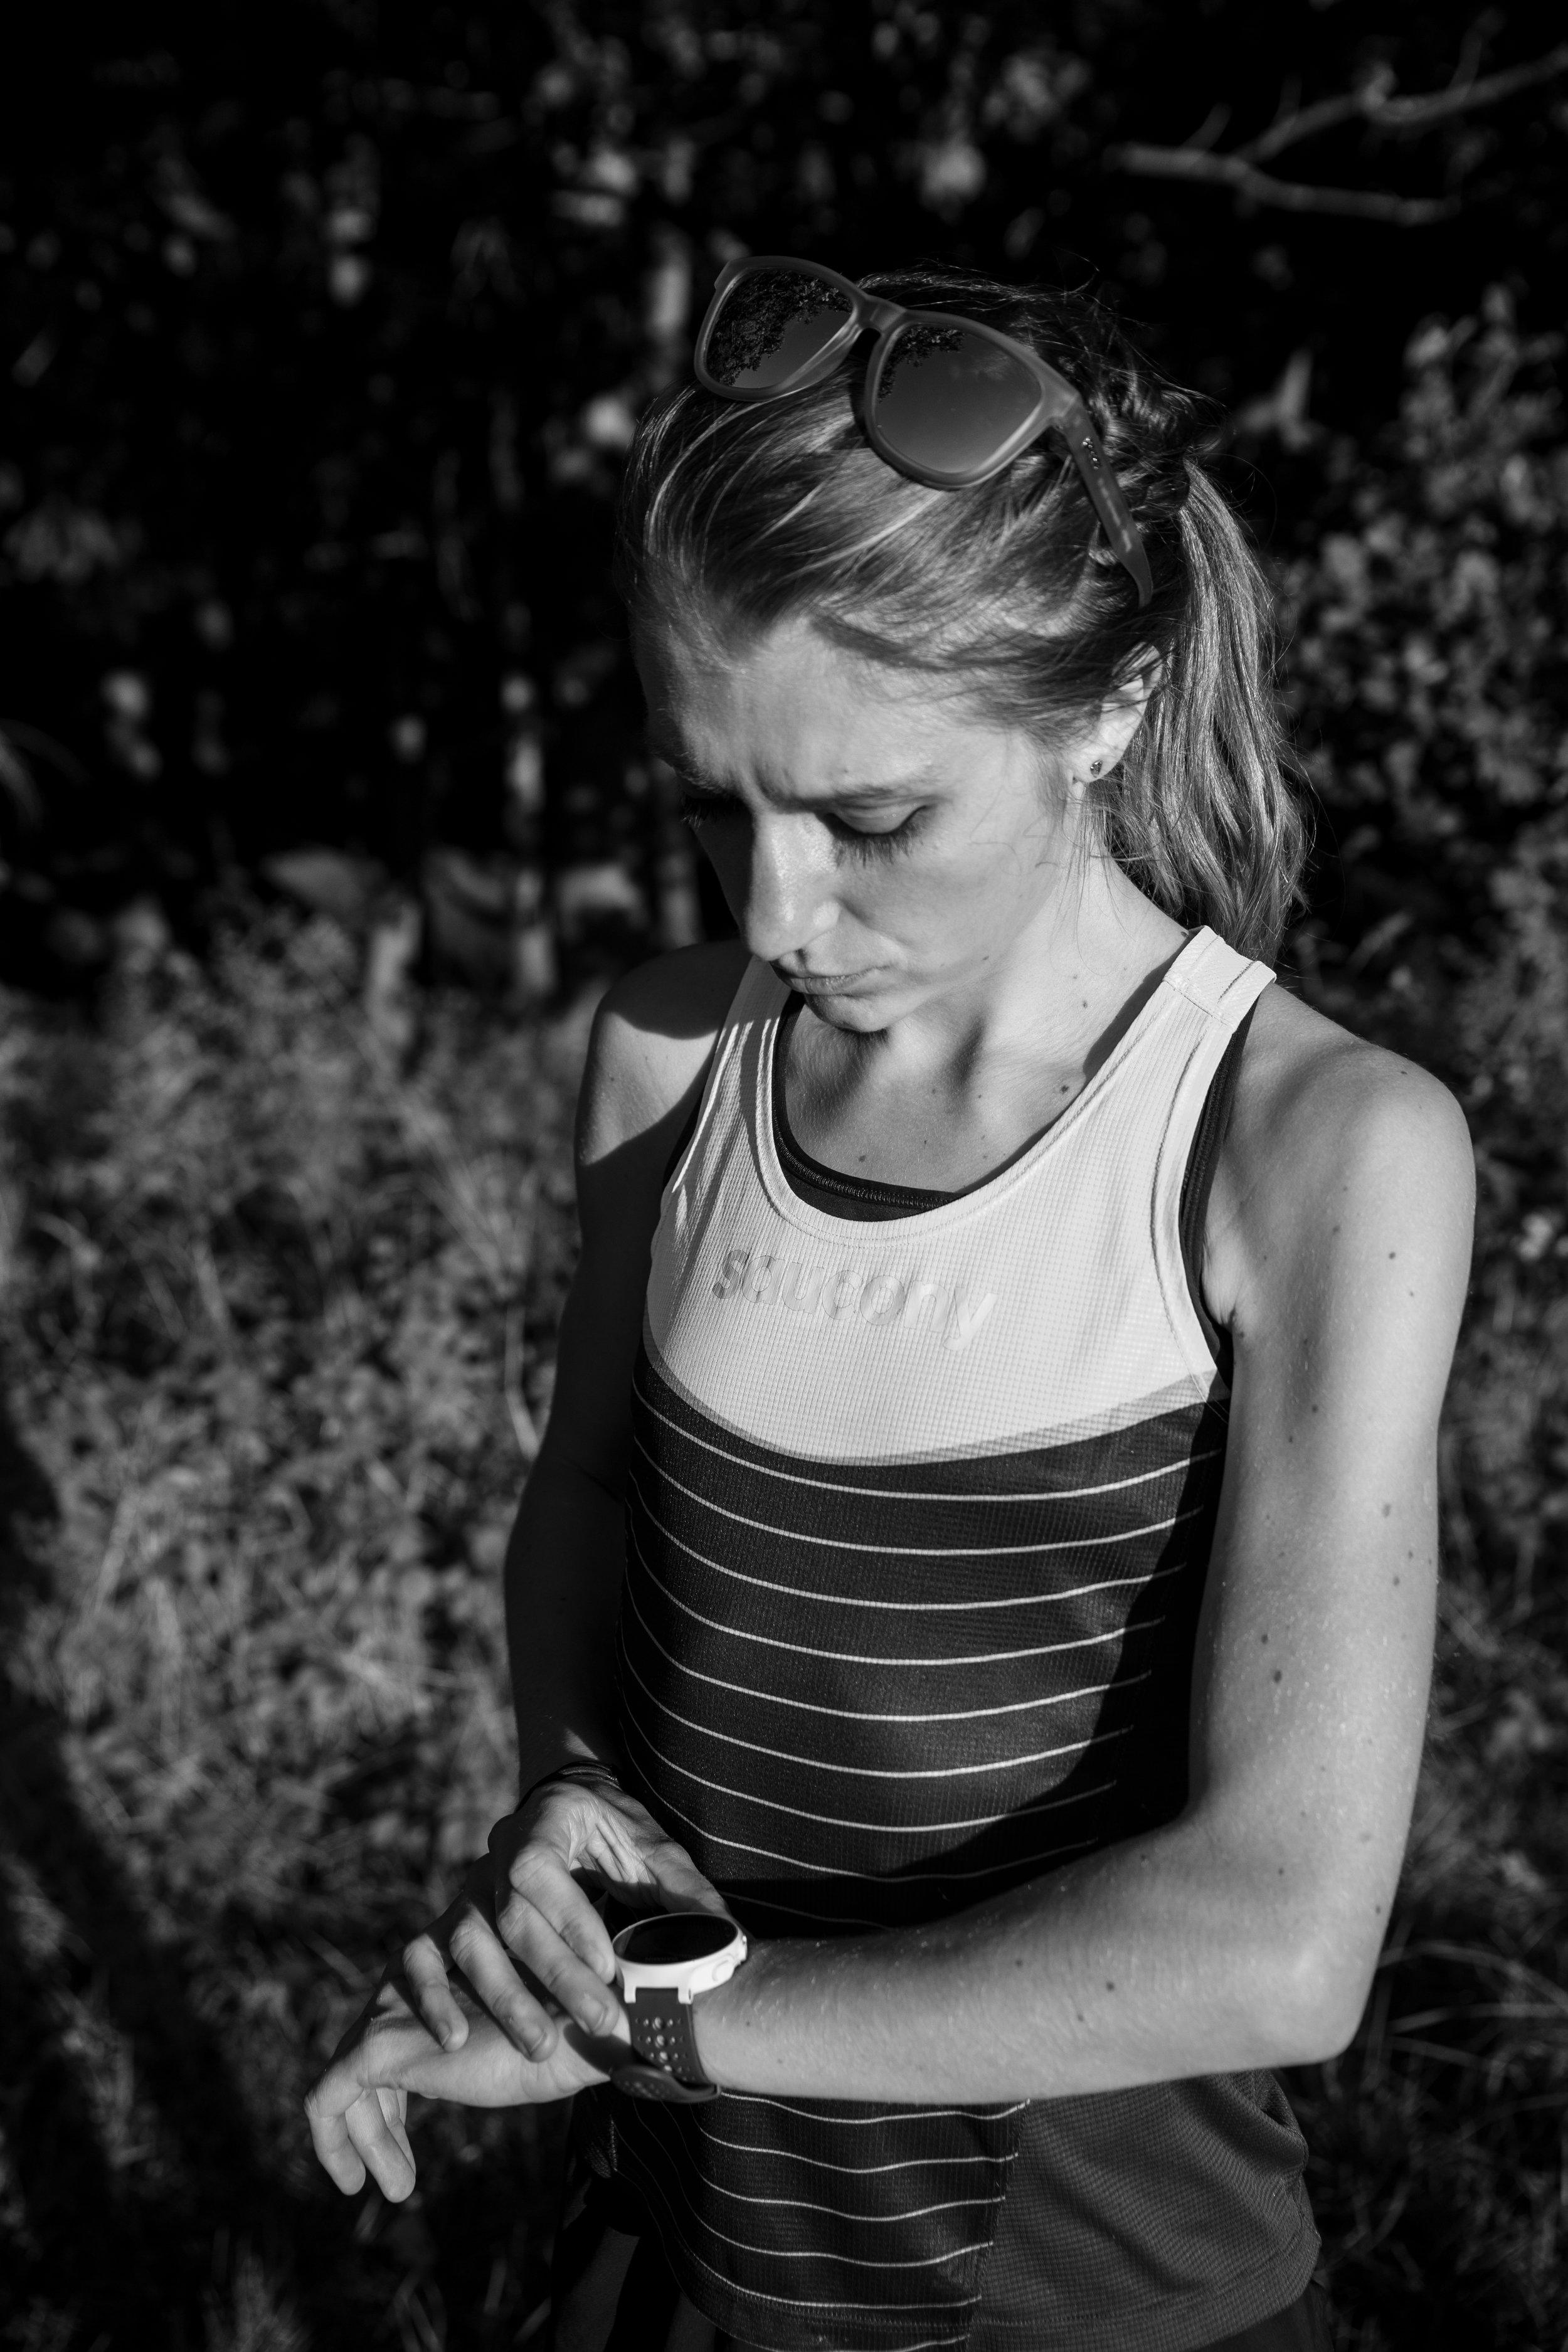 Anna_Running-26.jpg